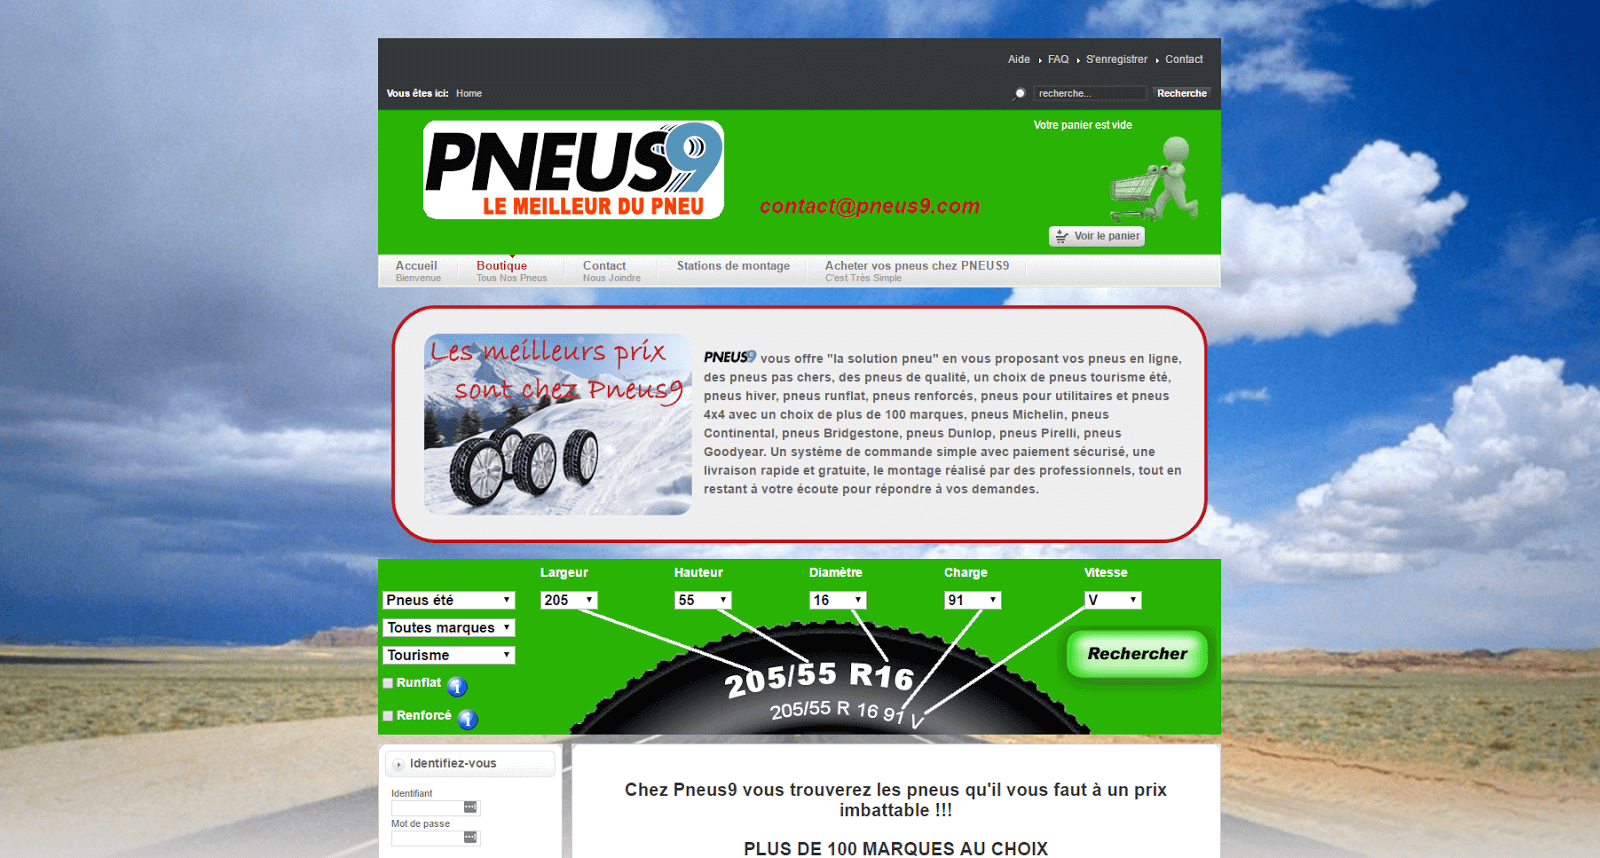 Page d'accueil du site Pneus9.